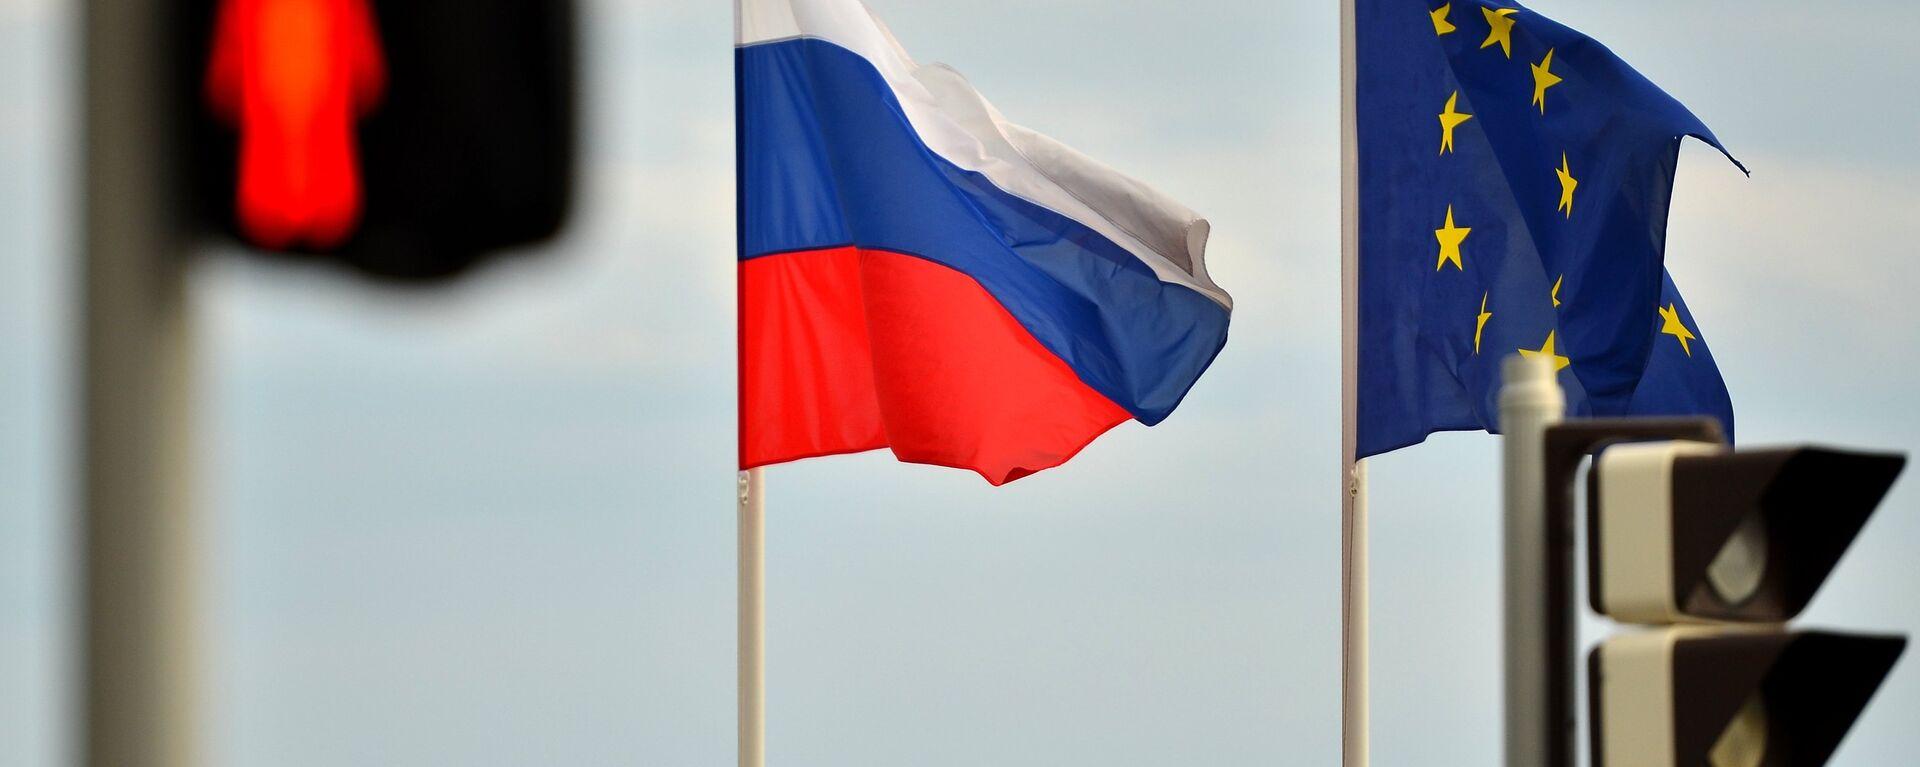 Banderas de Rusia y la UE - Sputnik Mundo, 1920, 18.06.2021